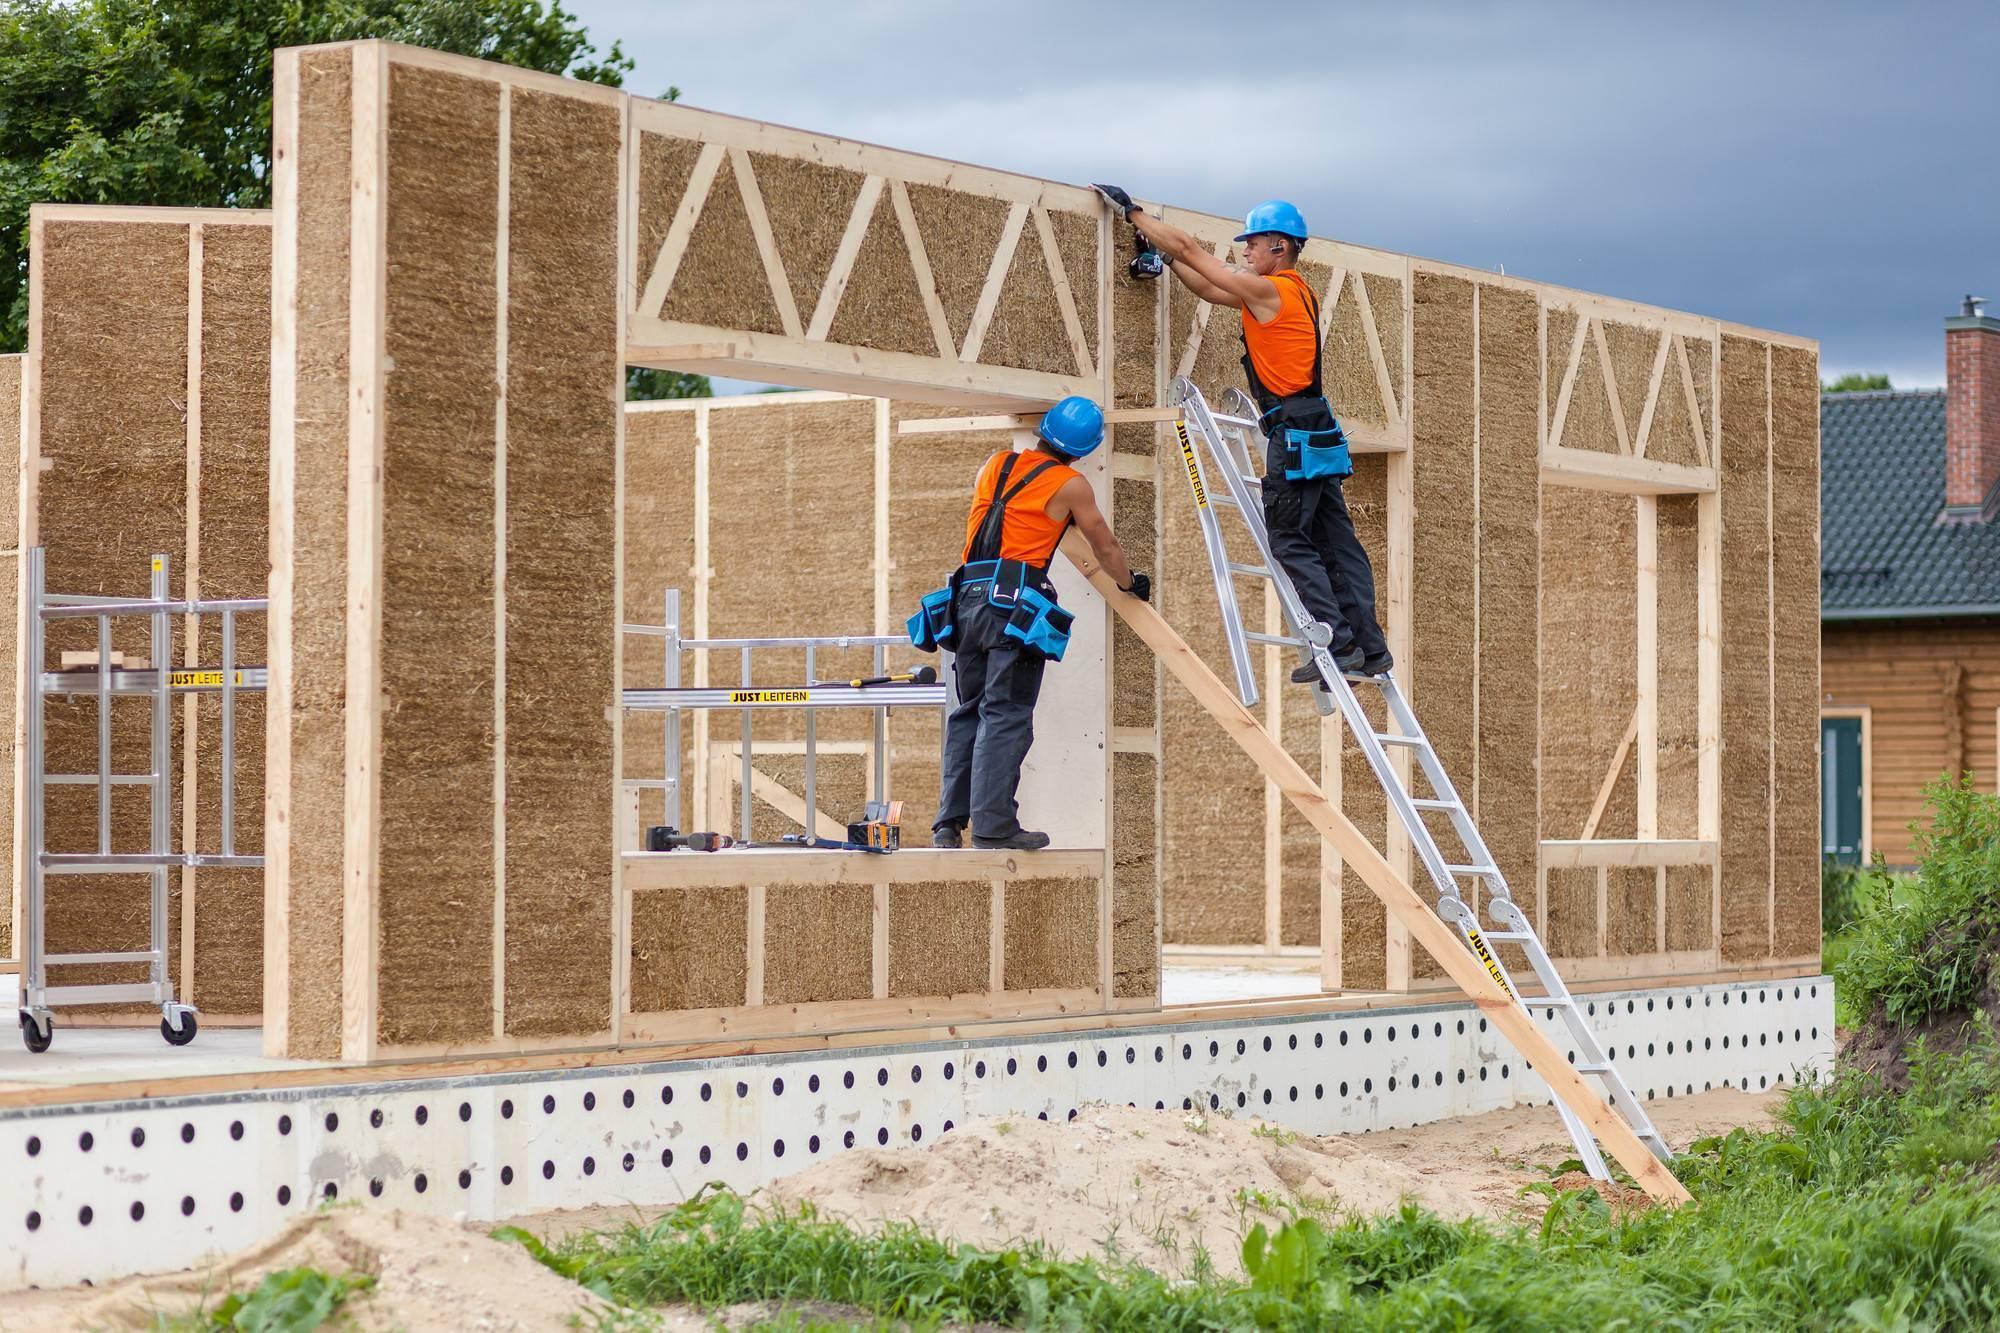 Какие новые и современные технологии применяют в строительстве коттеджей?